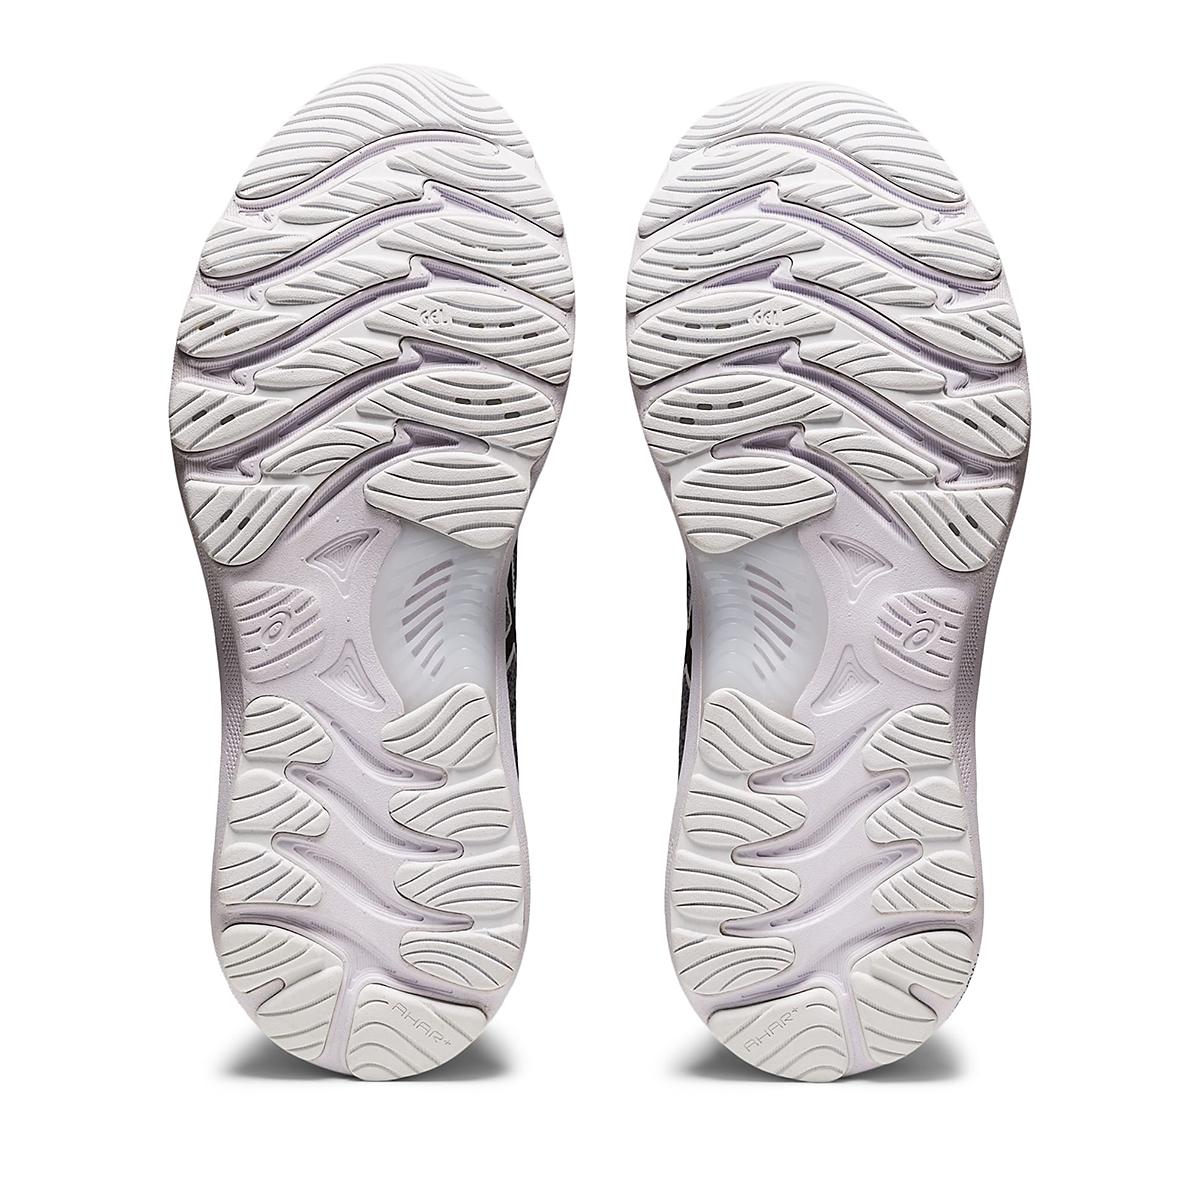 Women's Asics Gel-Nimbus 23 Knit Running Shoe - Color: Sheet Rock/Black - Size: 5 - Width: Regular, Sheet Rock/Black, large, image 4